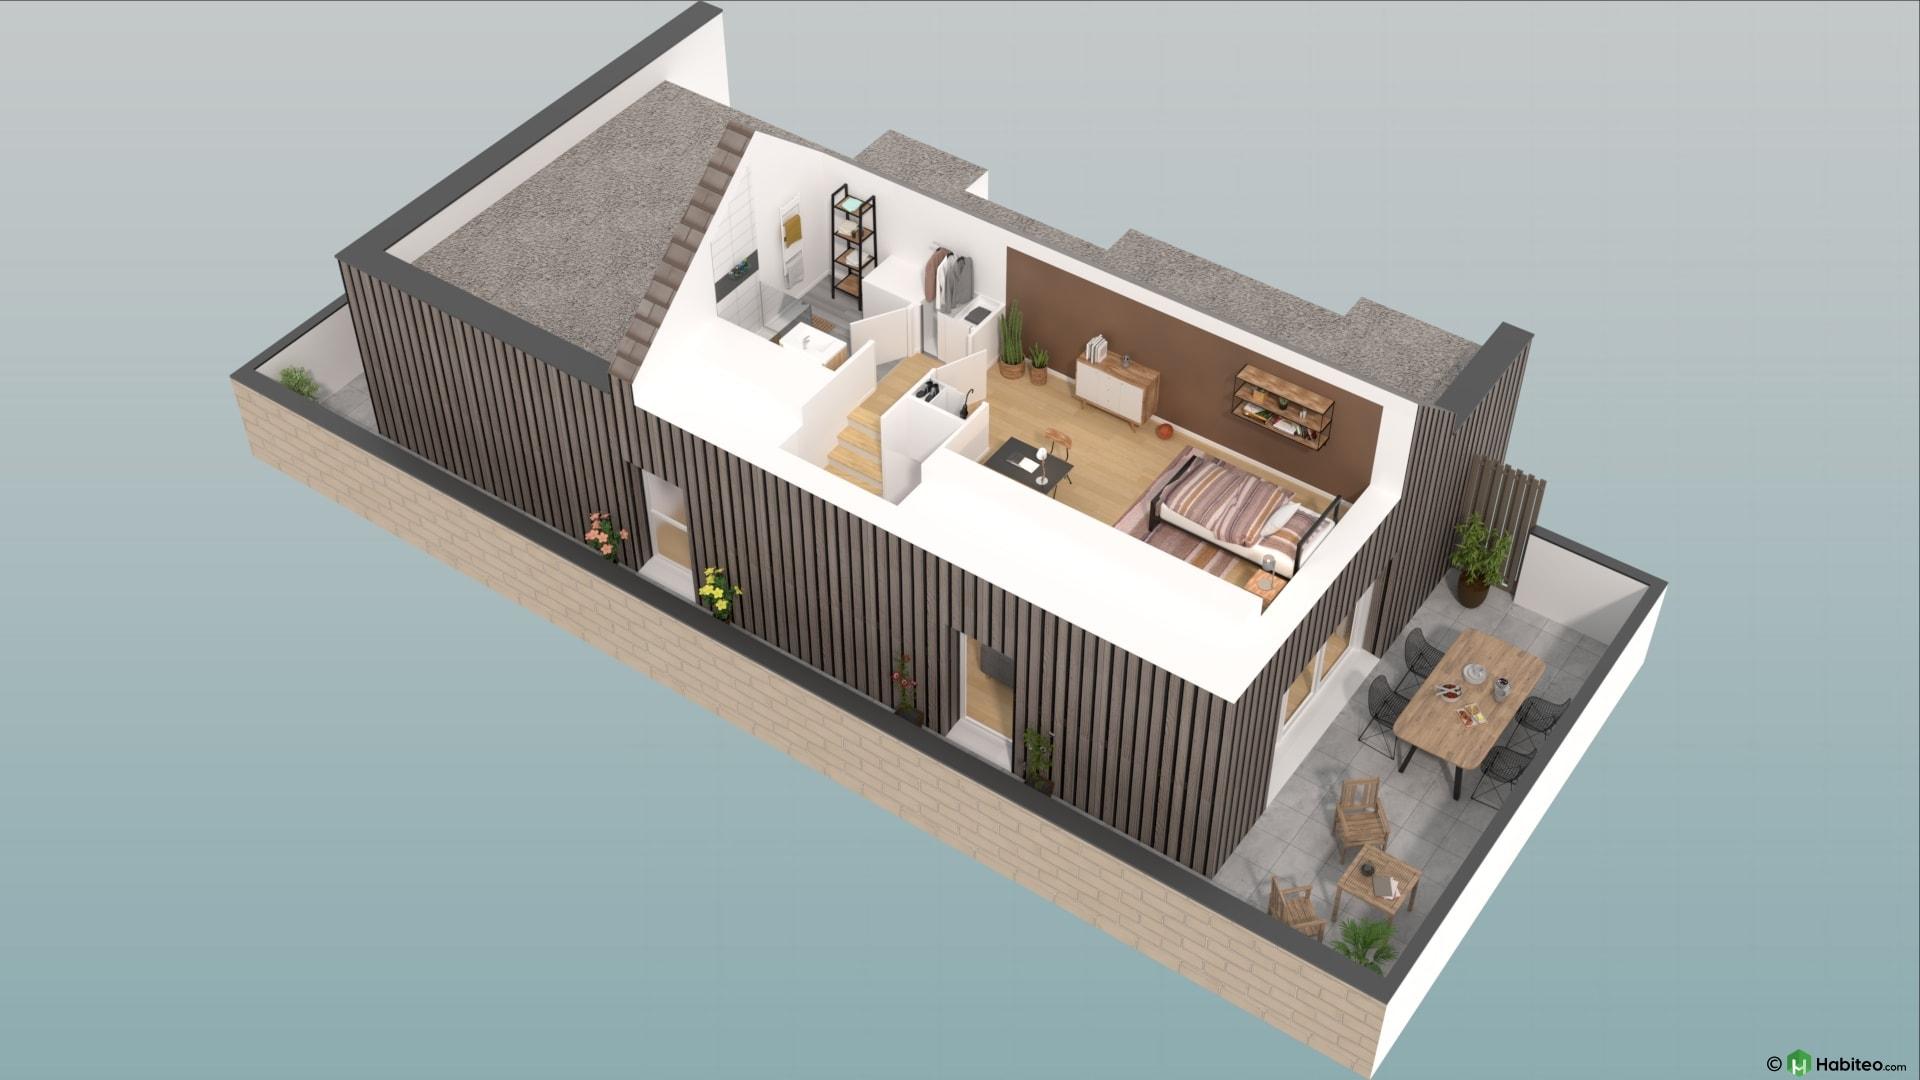 Plan 3d de létage dun appartement 4 pièces duplex du programme les